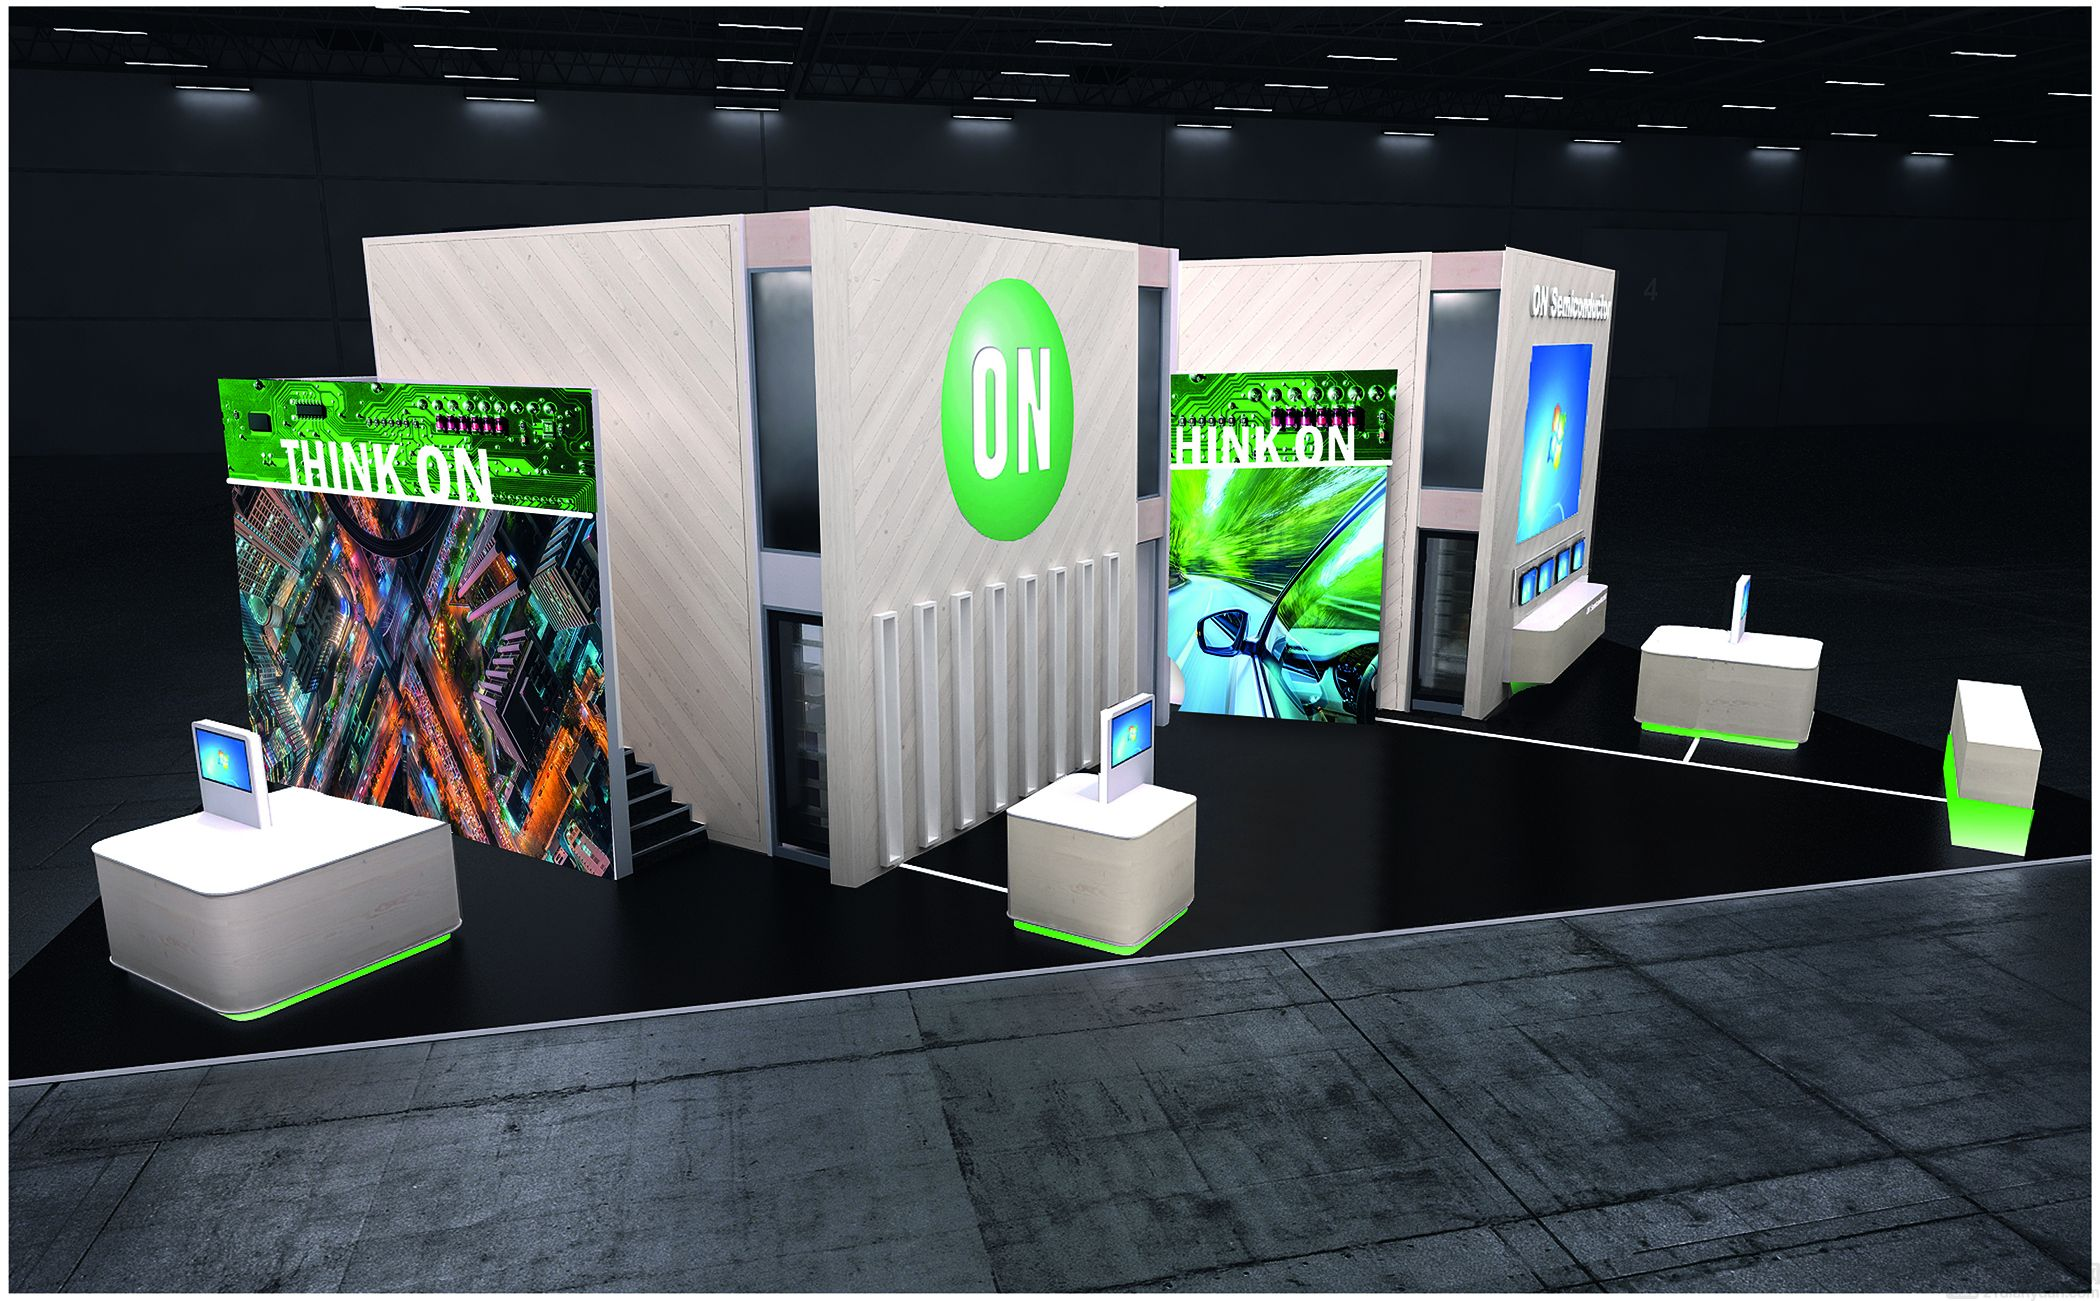 安森美永利奥门娱乐场将在electronica 2018展示在汽车、电源转换和物联网的创新